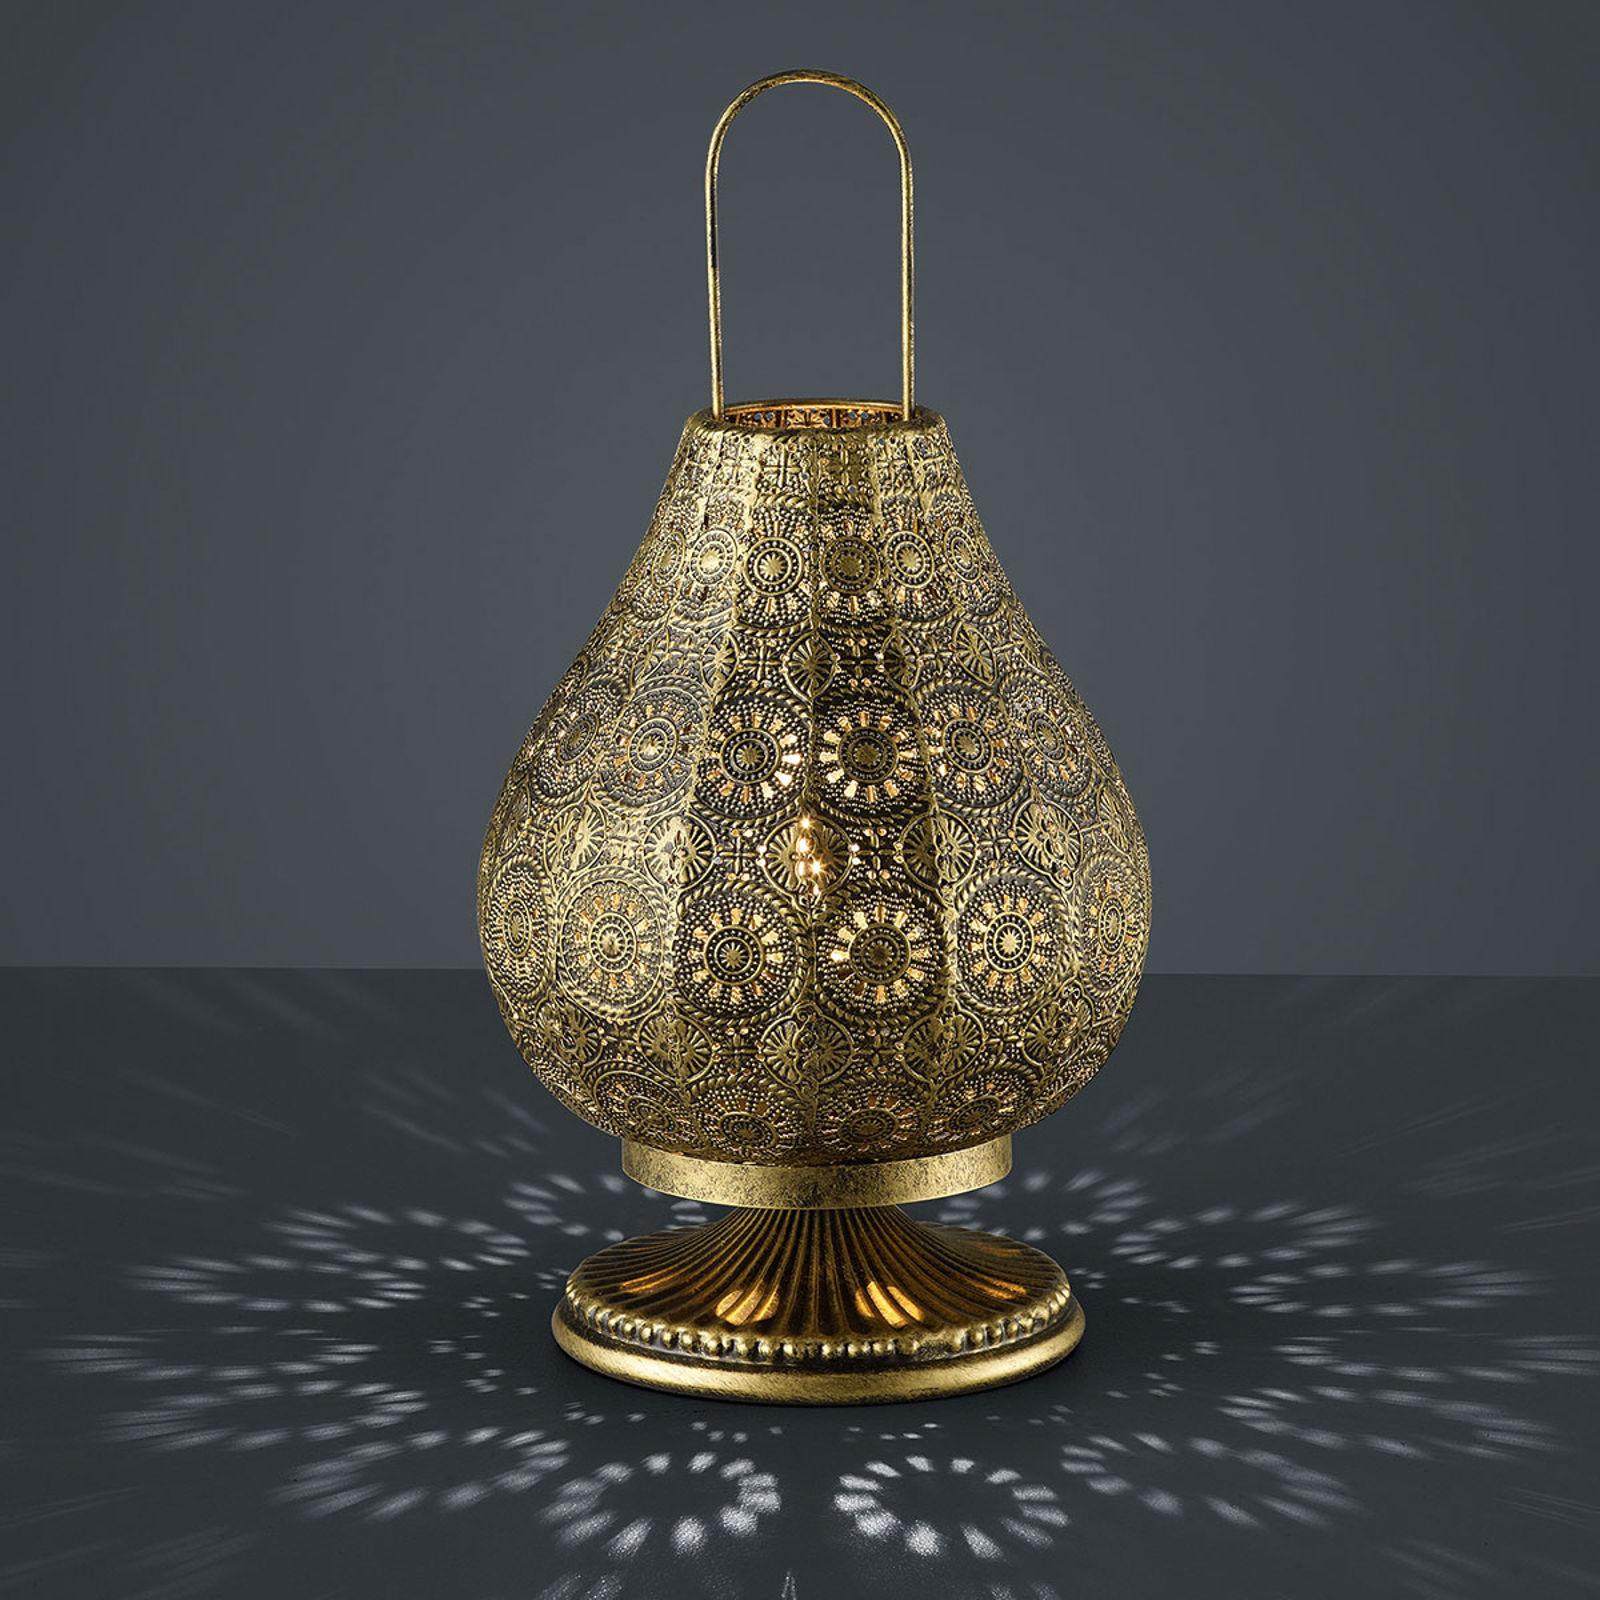 Lampy stołowe kolonialne